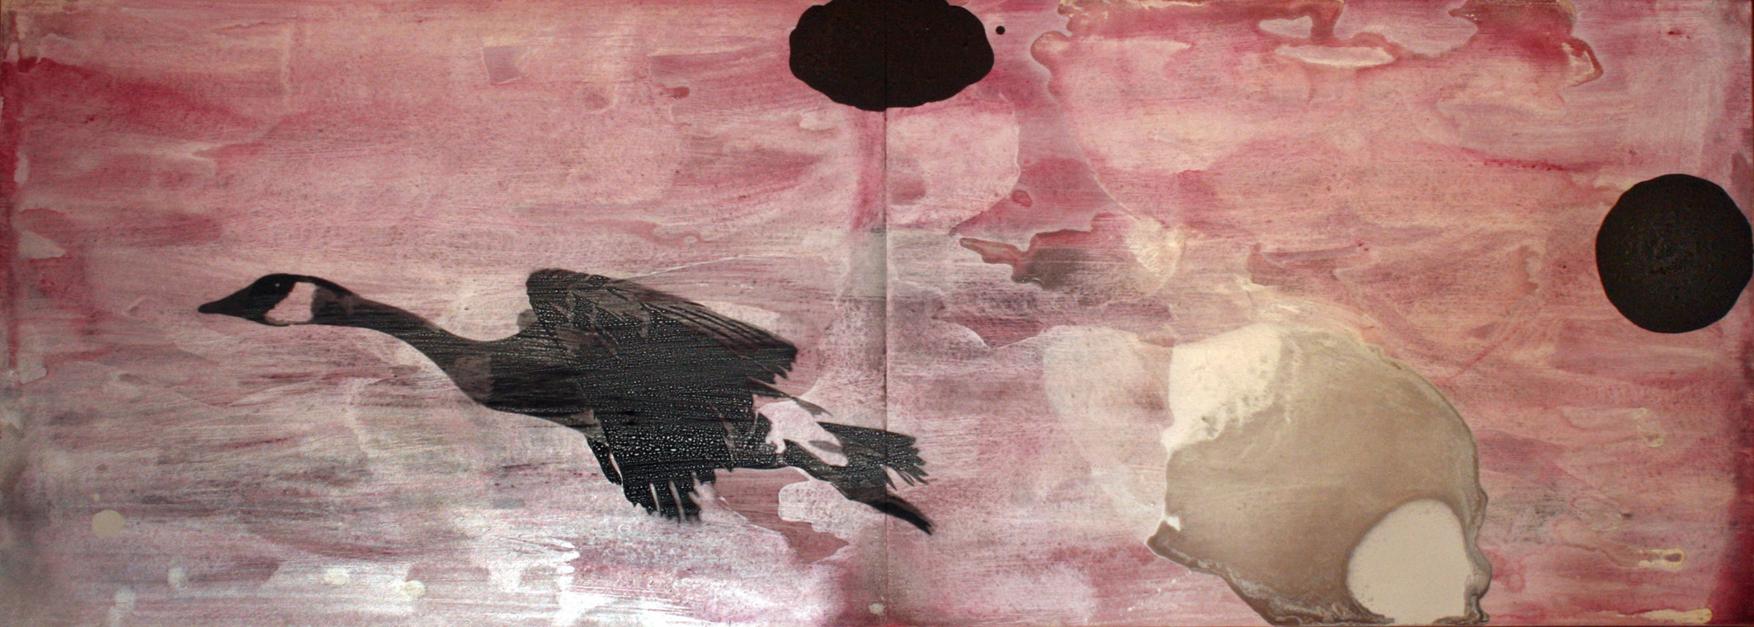 VUELO |Dibujo de Enrique González | Compra arte en Flecha.es